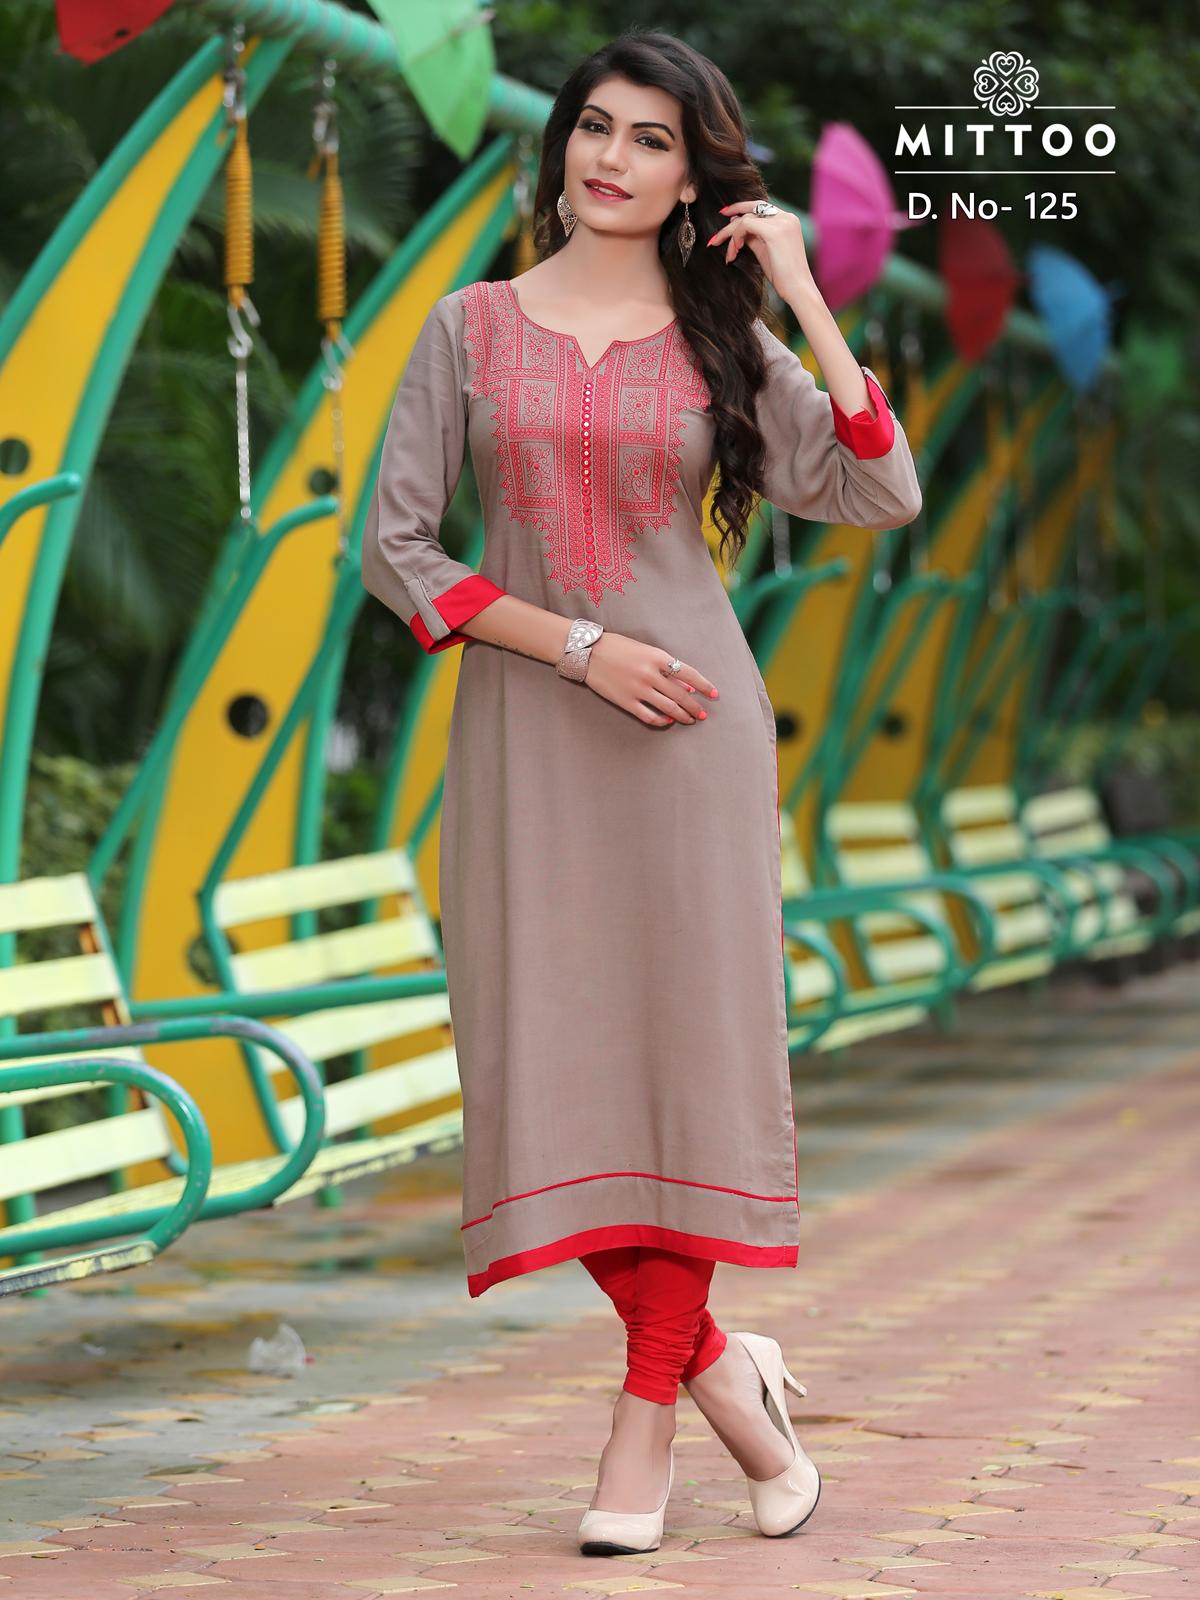 Payal : Mittoo Rayon Embroidery Kurti